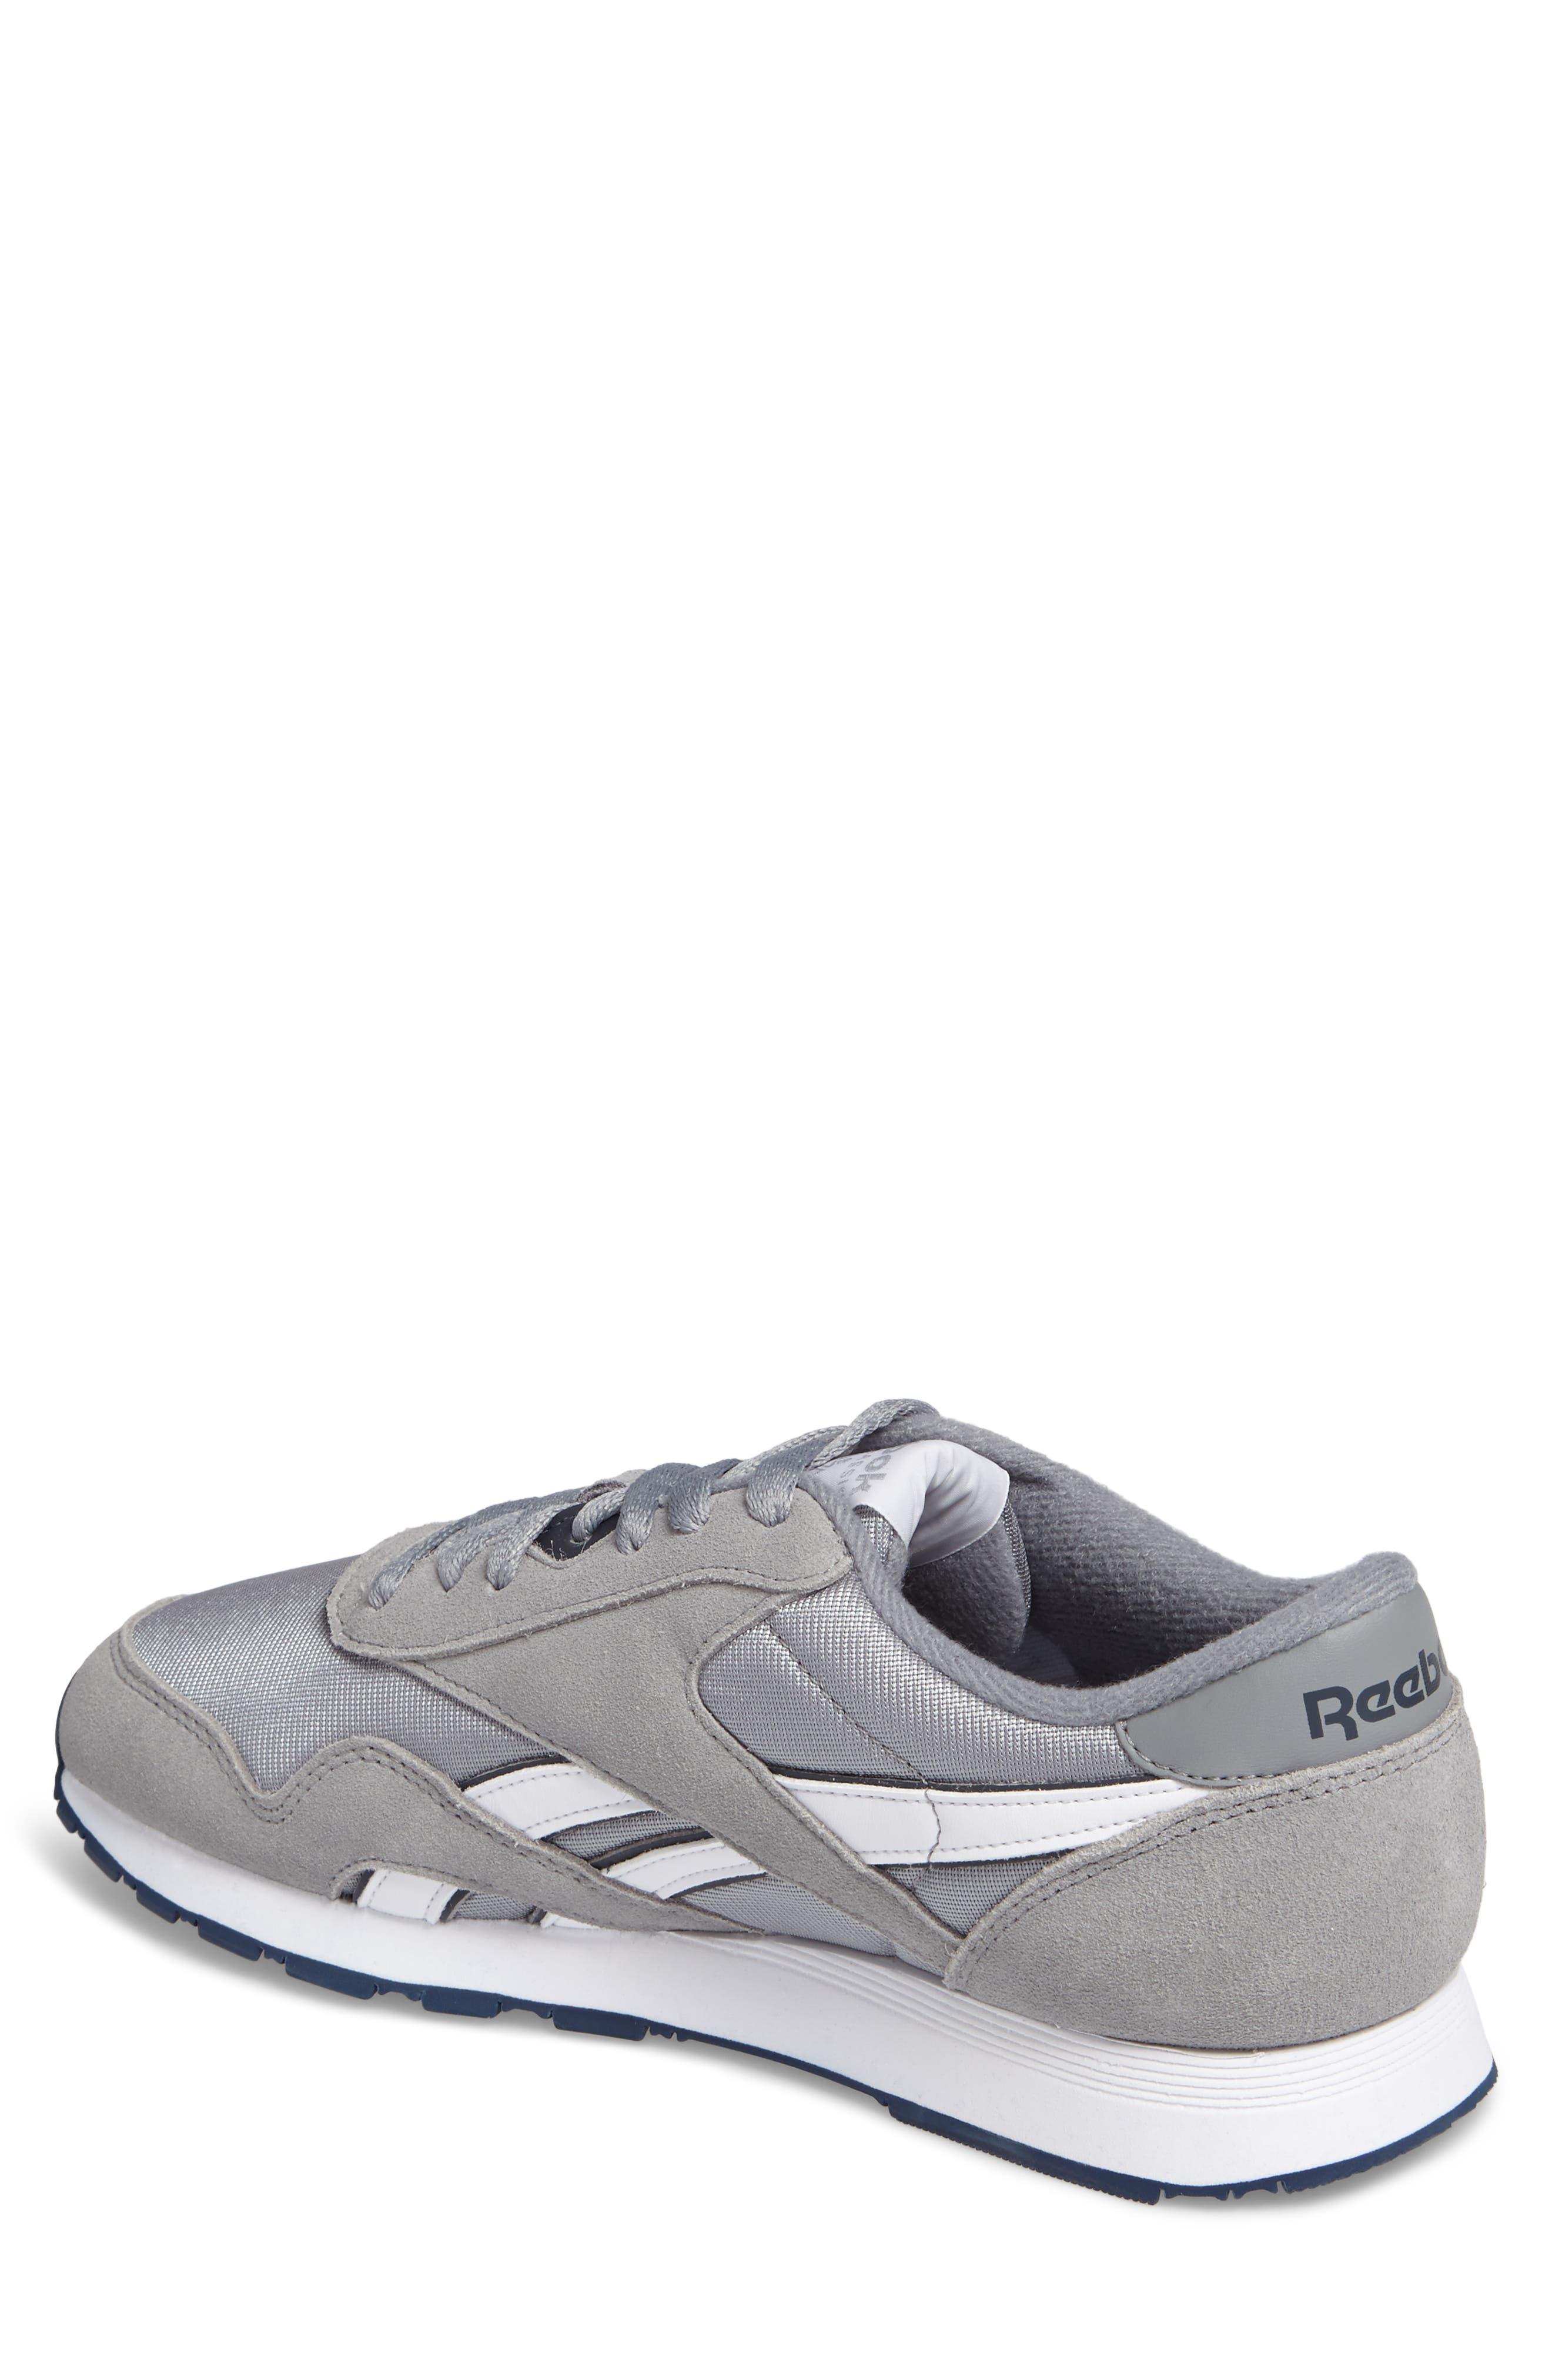 Classic Nylon Sneaker,                             Alternate thumbnail 2, color,                             PLATINUM/ JET BLUE